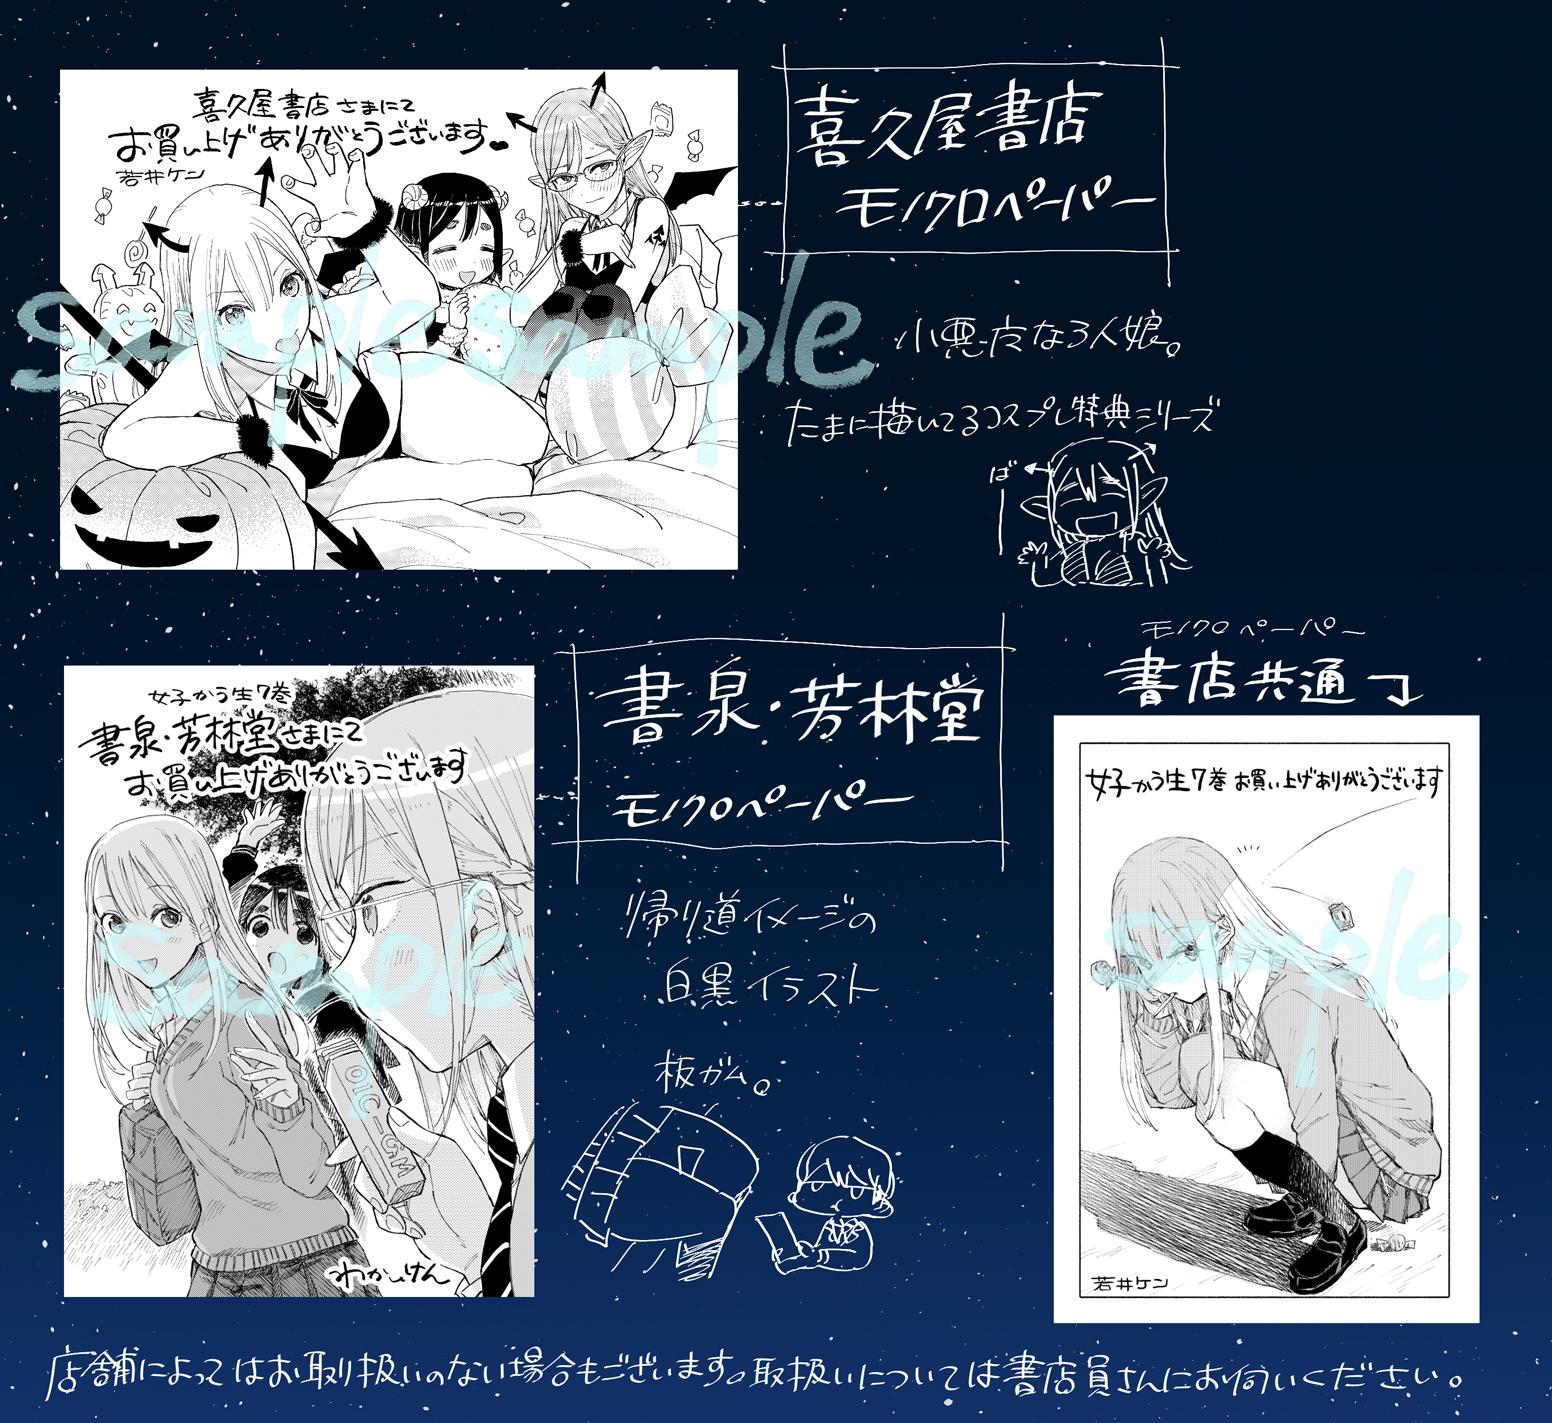 tokuten-karioki04.jpg